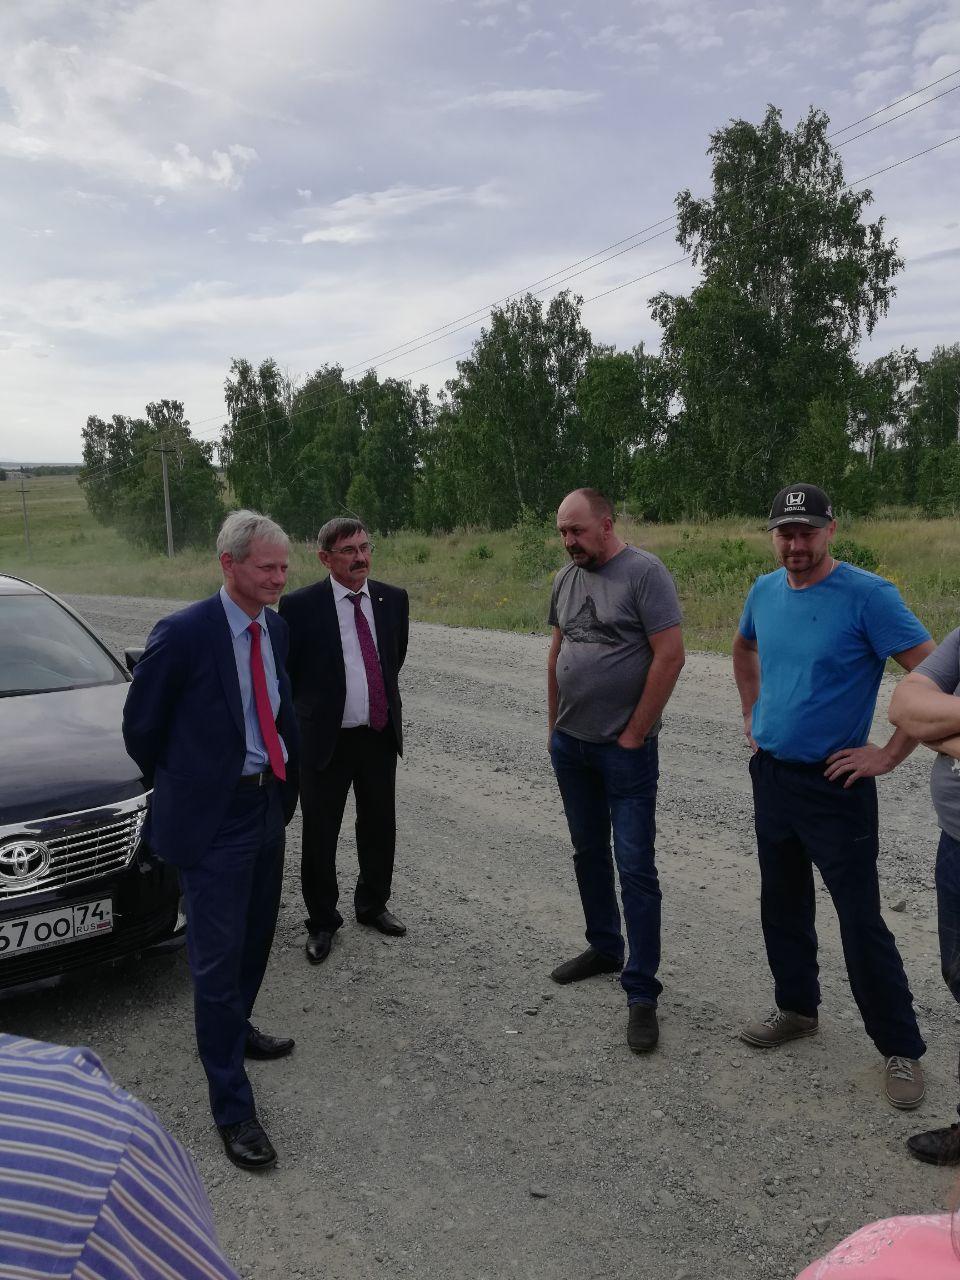 Жители Уйского района Челябинской области в выходные пожаловались главе региона Алексею Текслеру